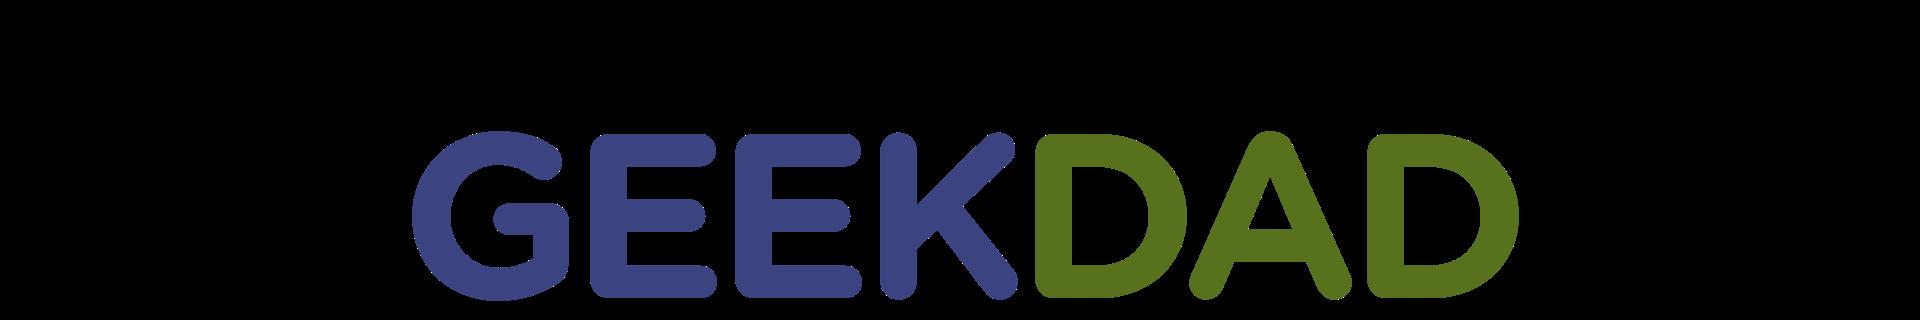 GeekDad Logo 02252016.png